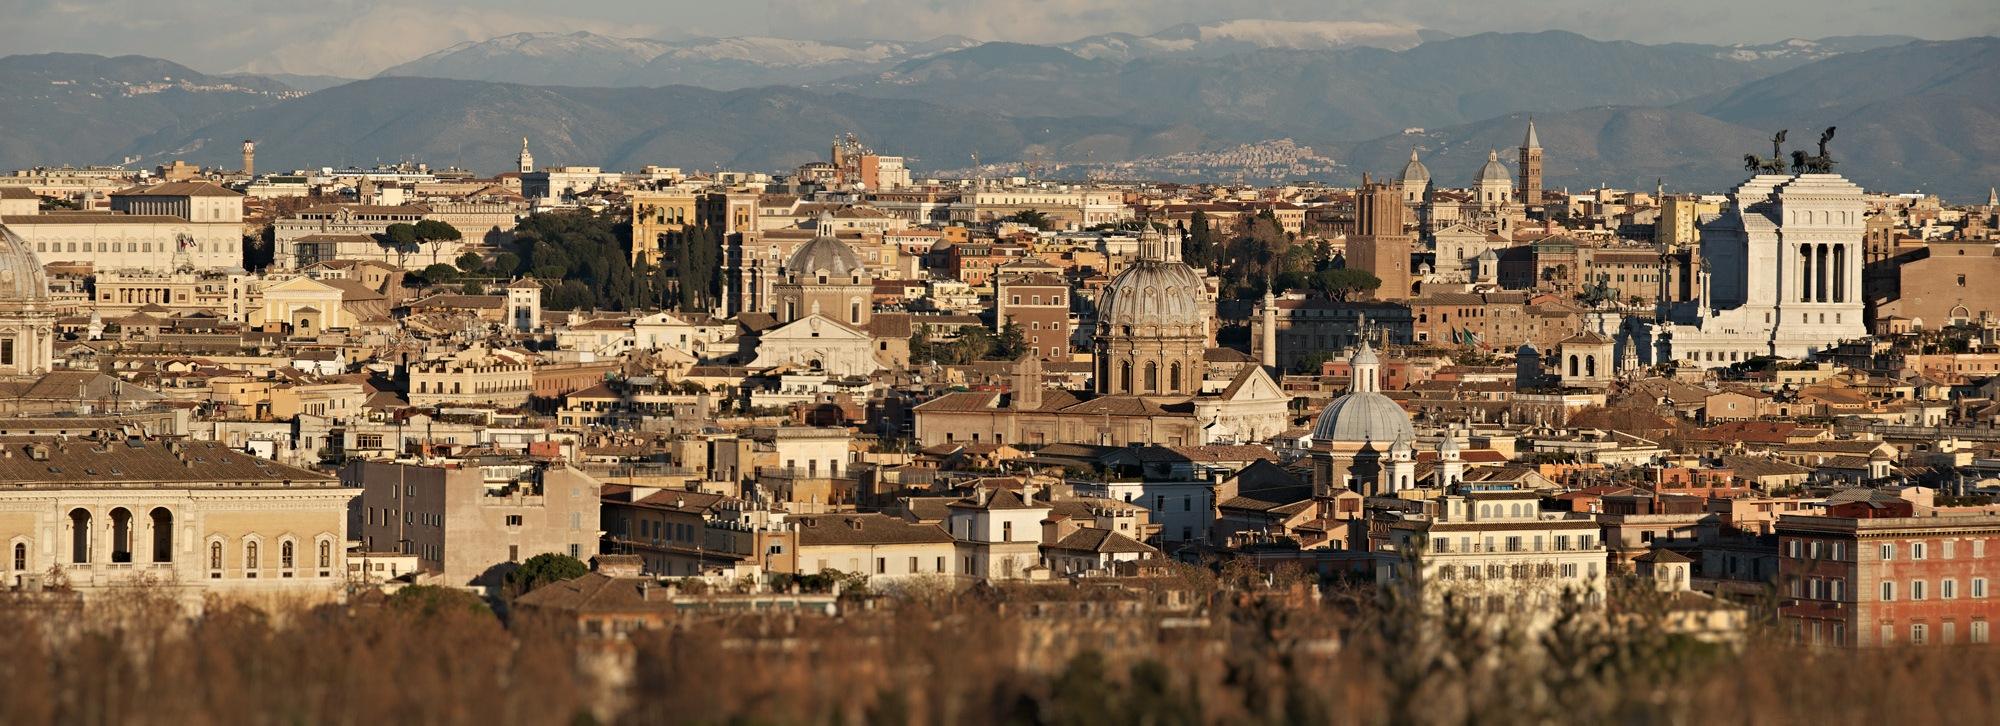 Il Colle Gianicolo Pro Loco Roma Pro Loco Di Roma